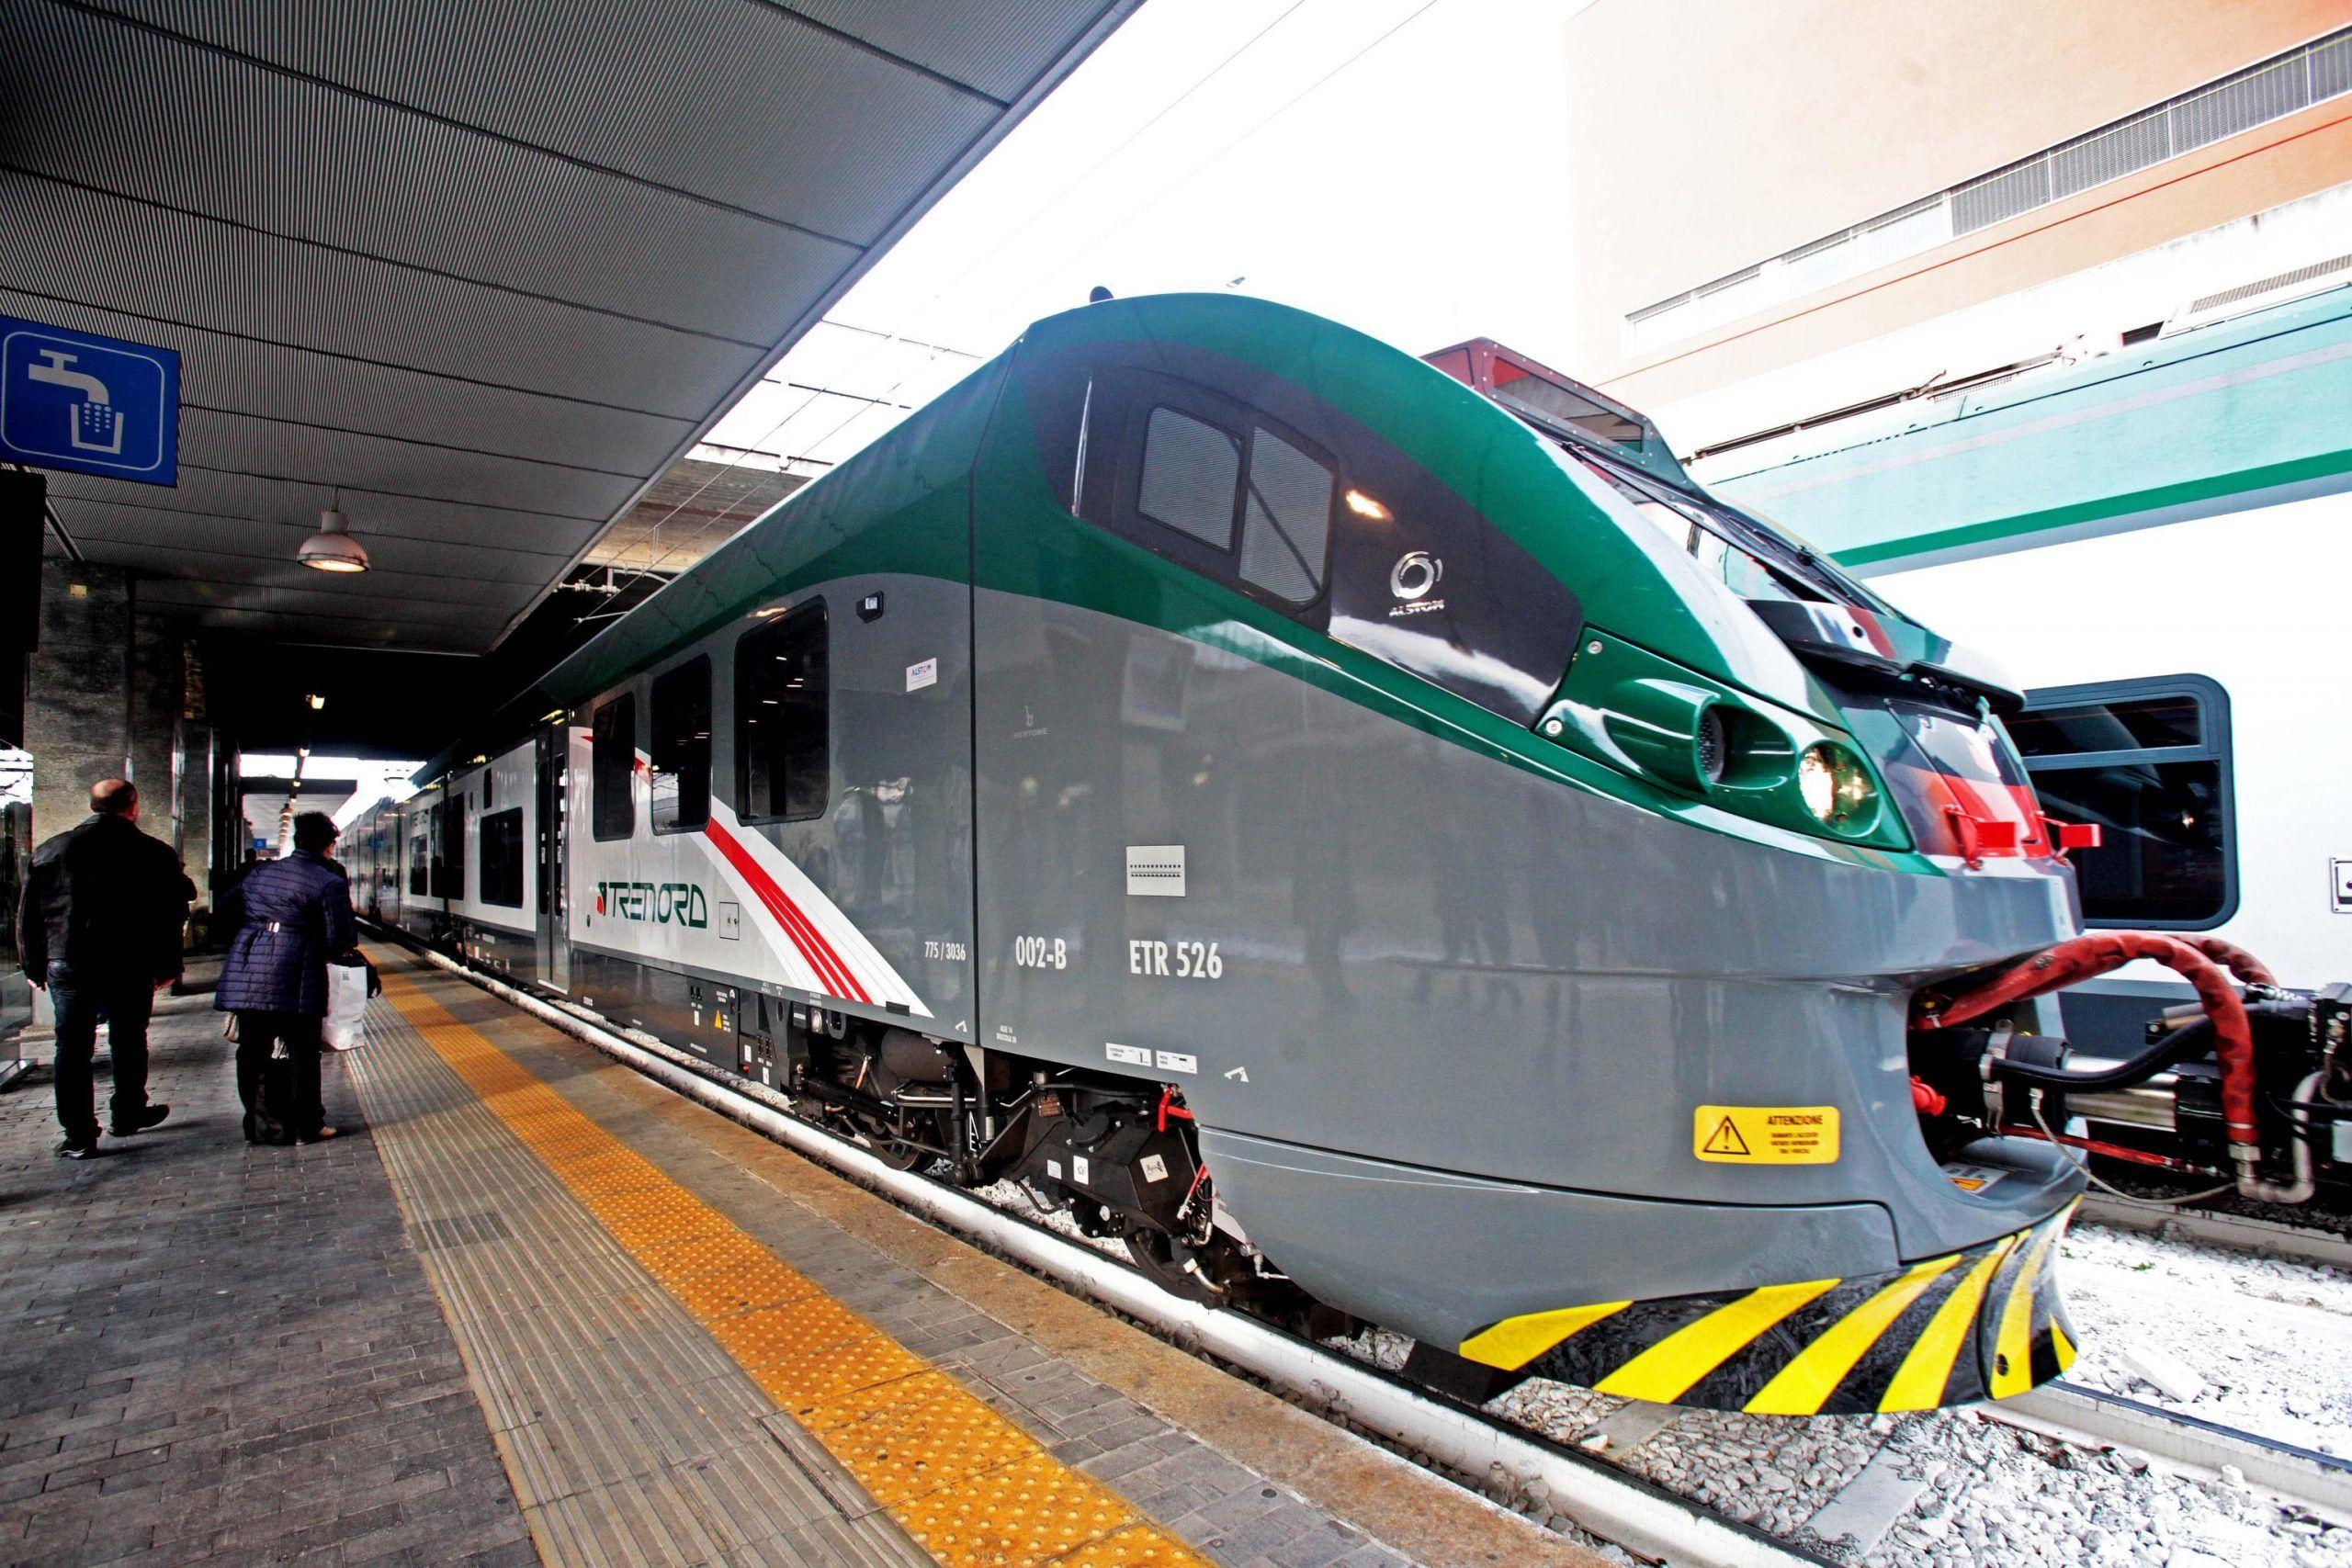 Treno fermo sui binari per due ore: i passeggeri scesi rischiano una multa